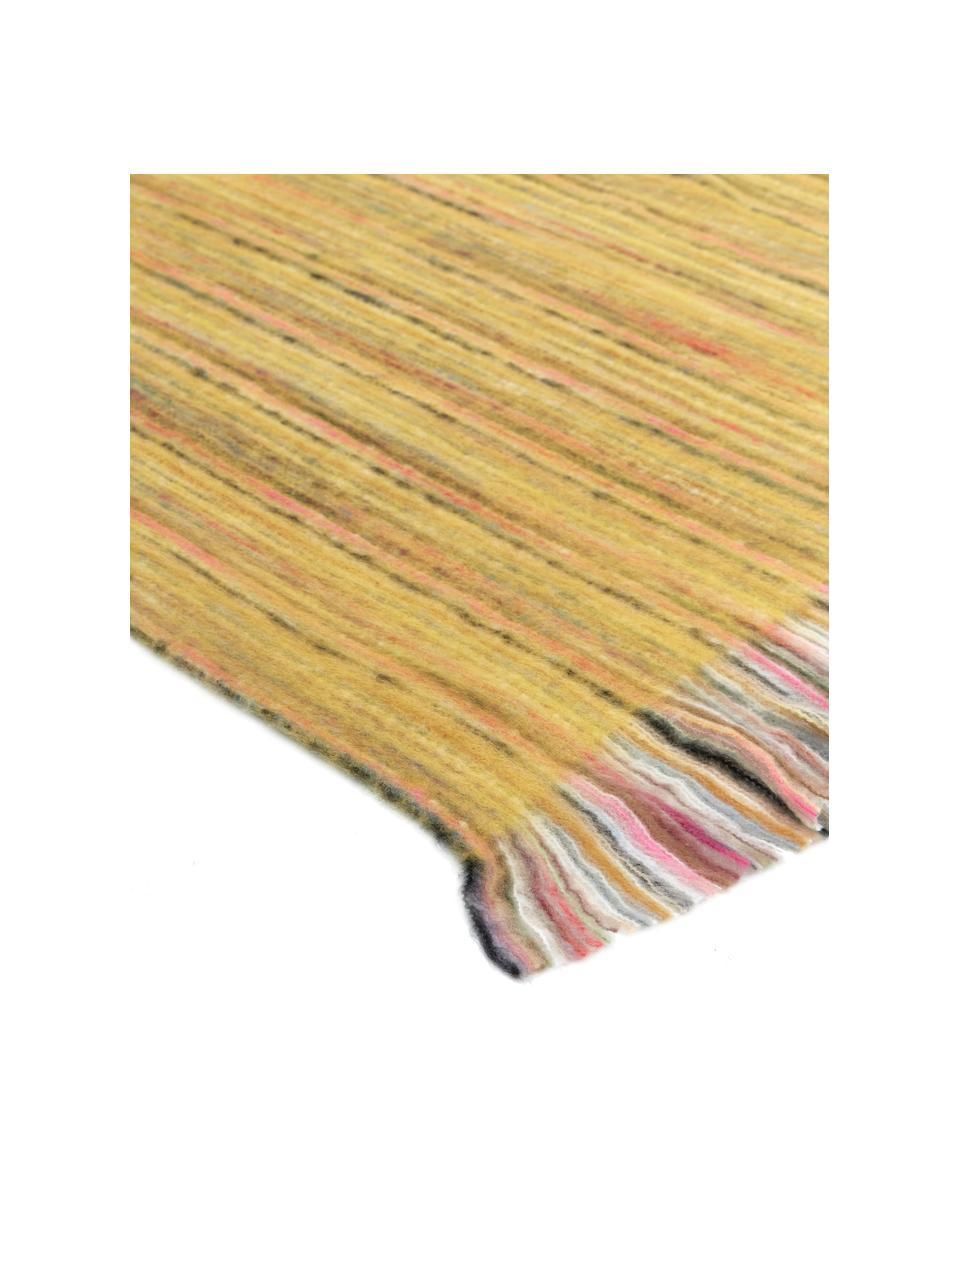 Bunt meliertes Plaid Ayana mit Fransen in Sonnengelb, 100% Acryl, Gelb, Mehrfarbig, 130 x 190 cm